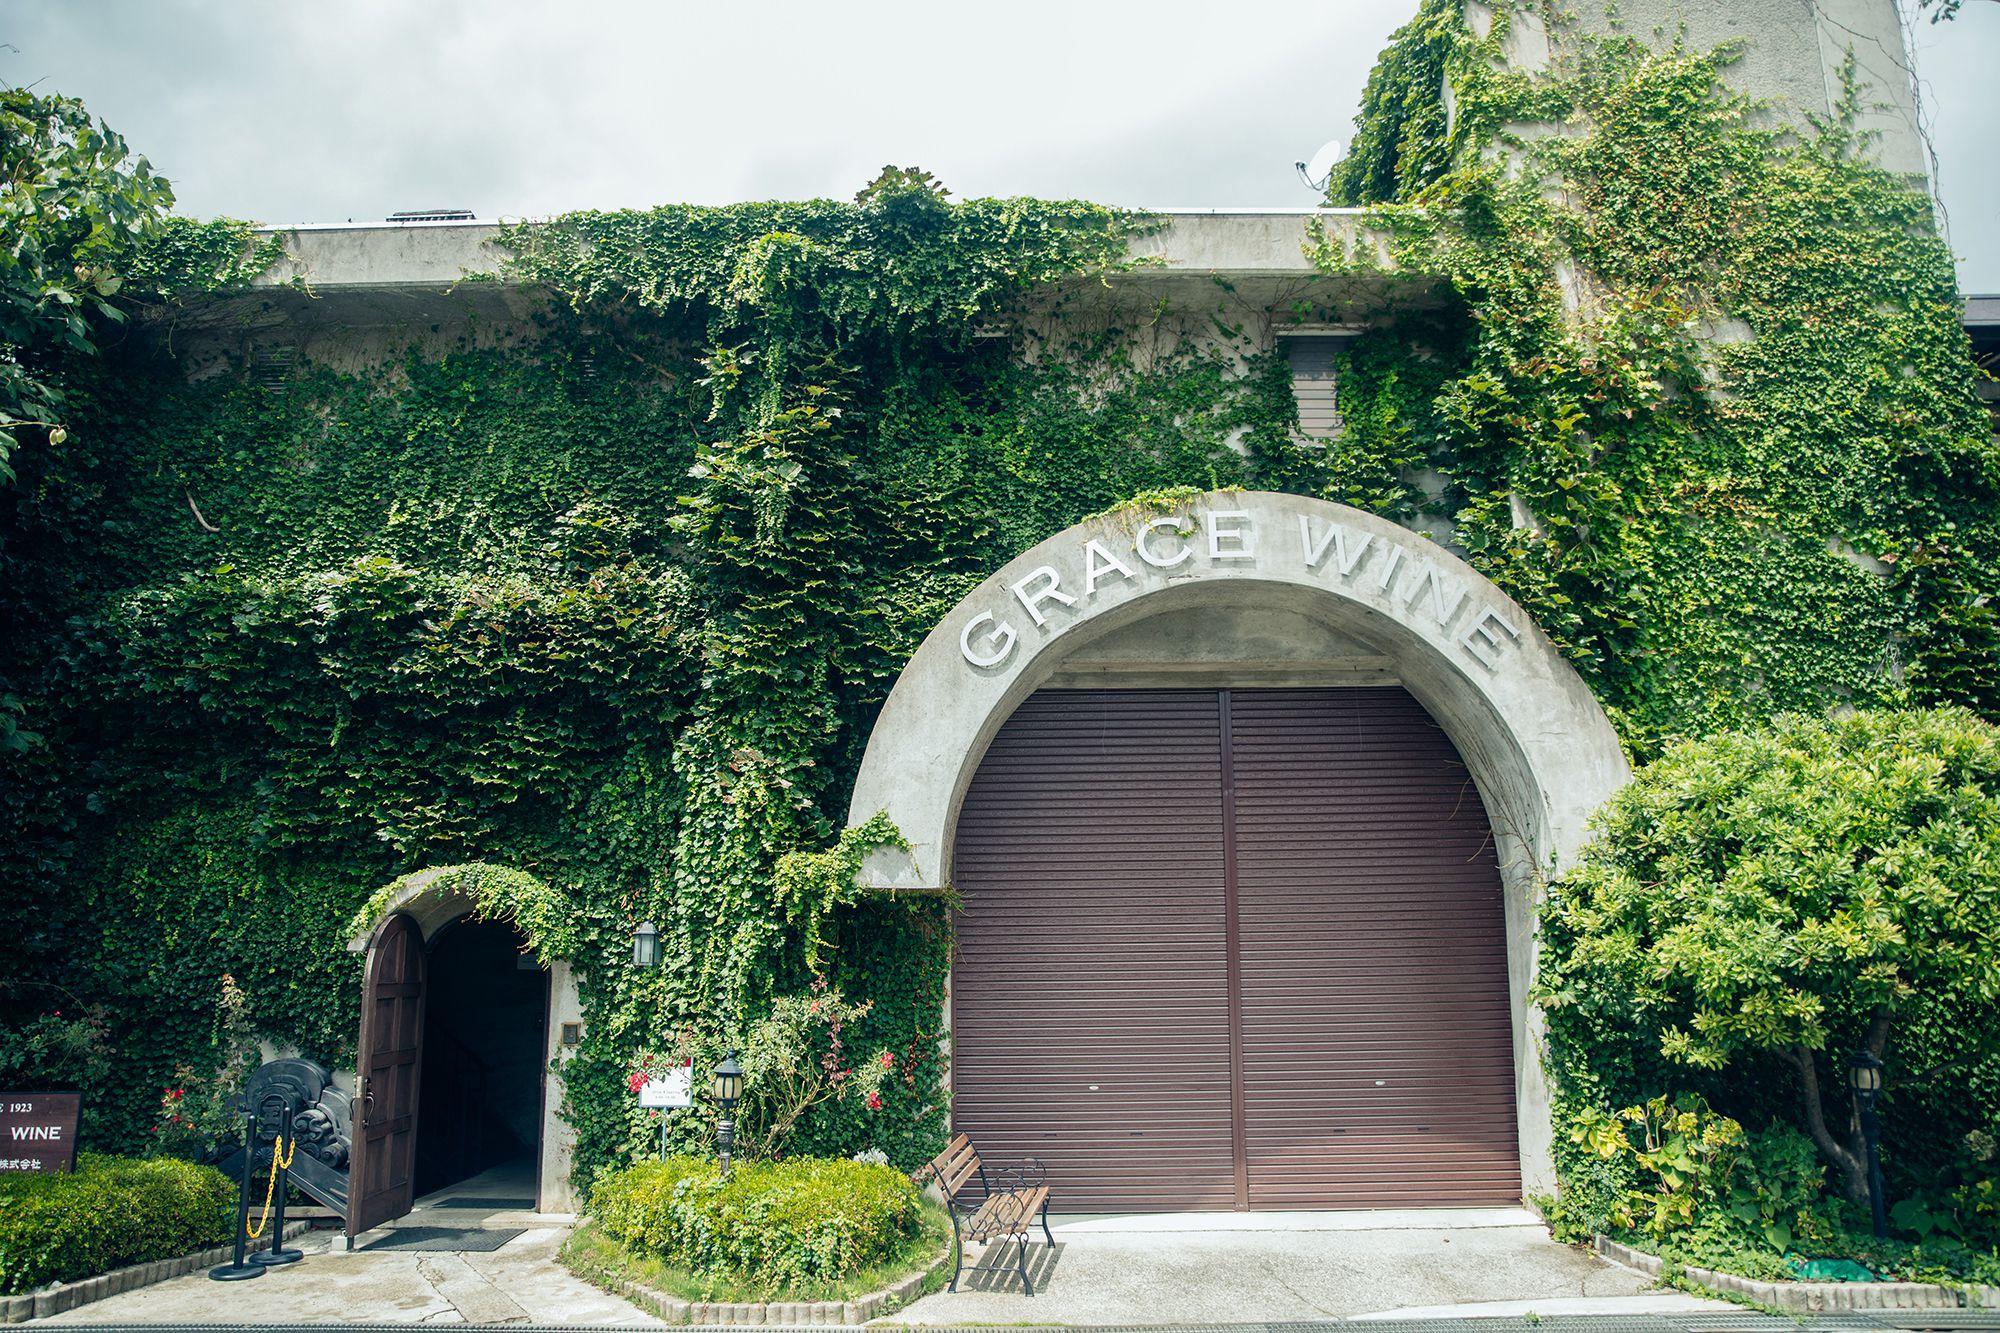 勝沼町の等々力にある、蔦の絡まるグレイスワインのワイナリー。2階がテイスティングルームになっている。